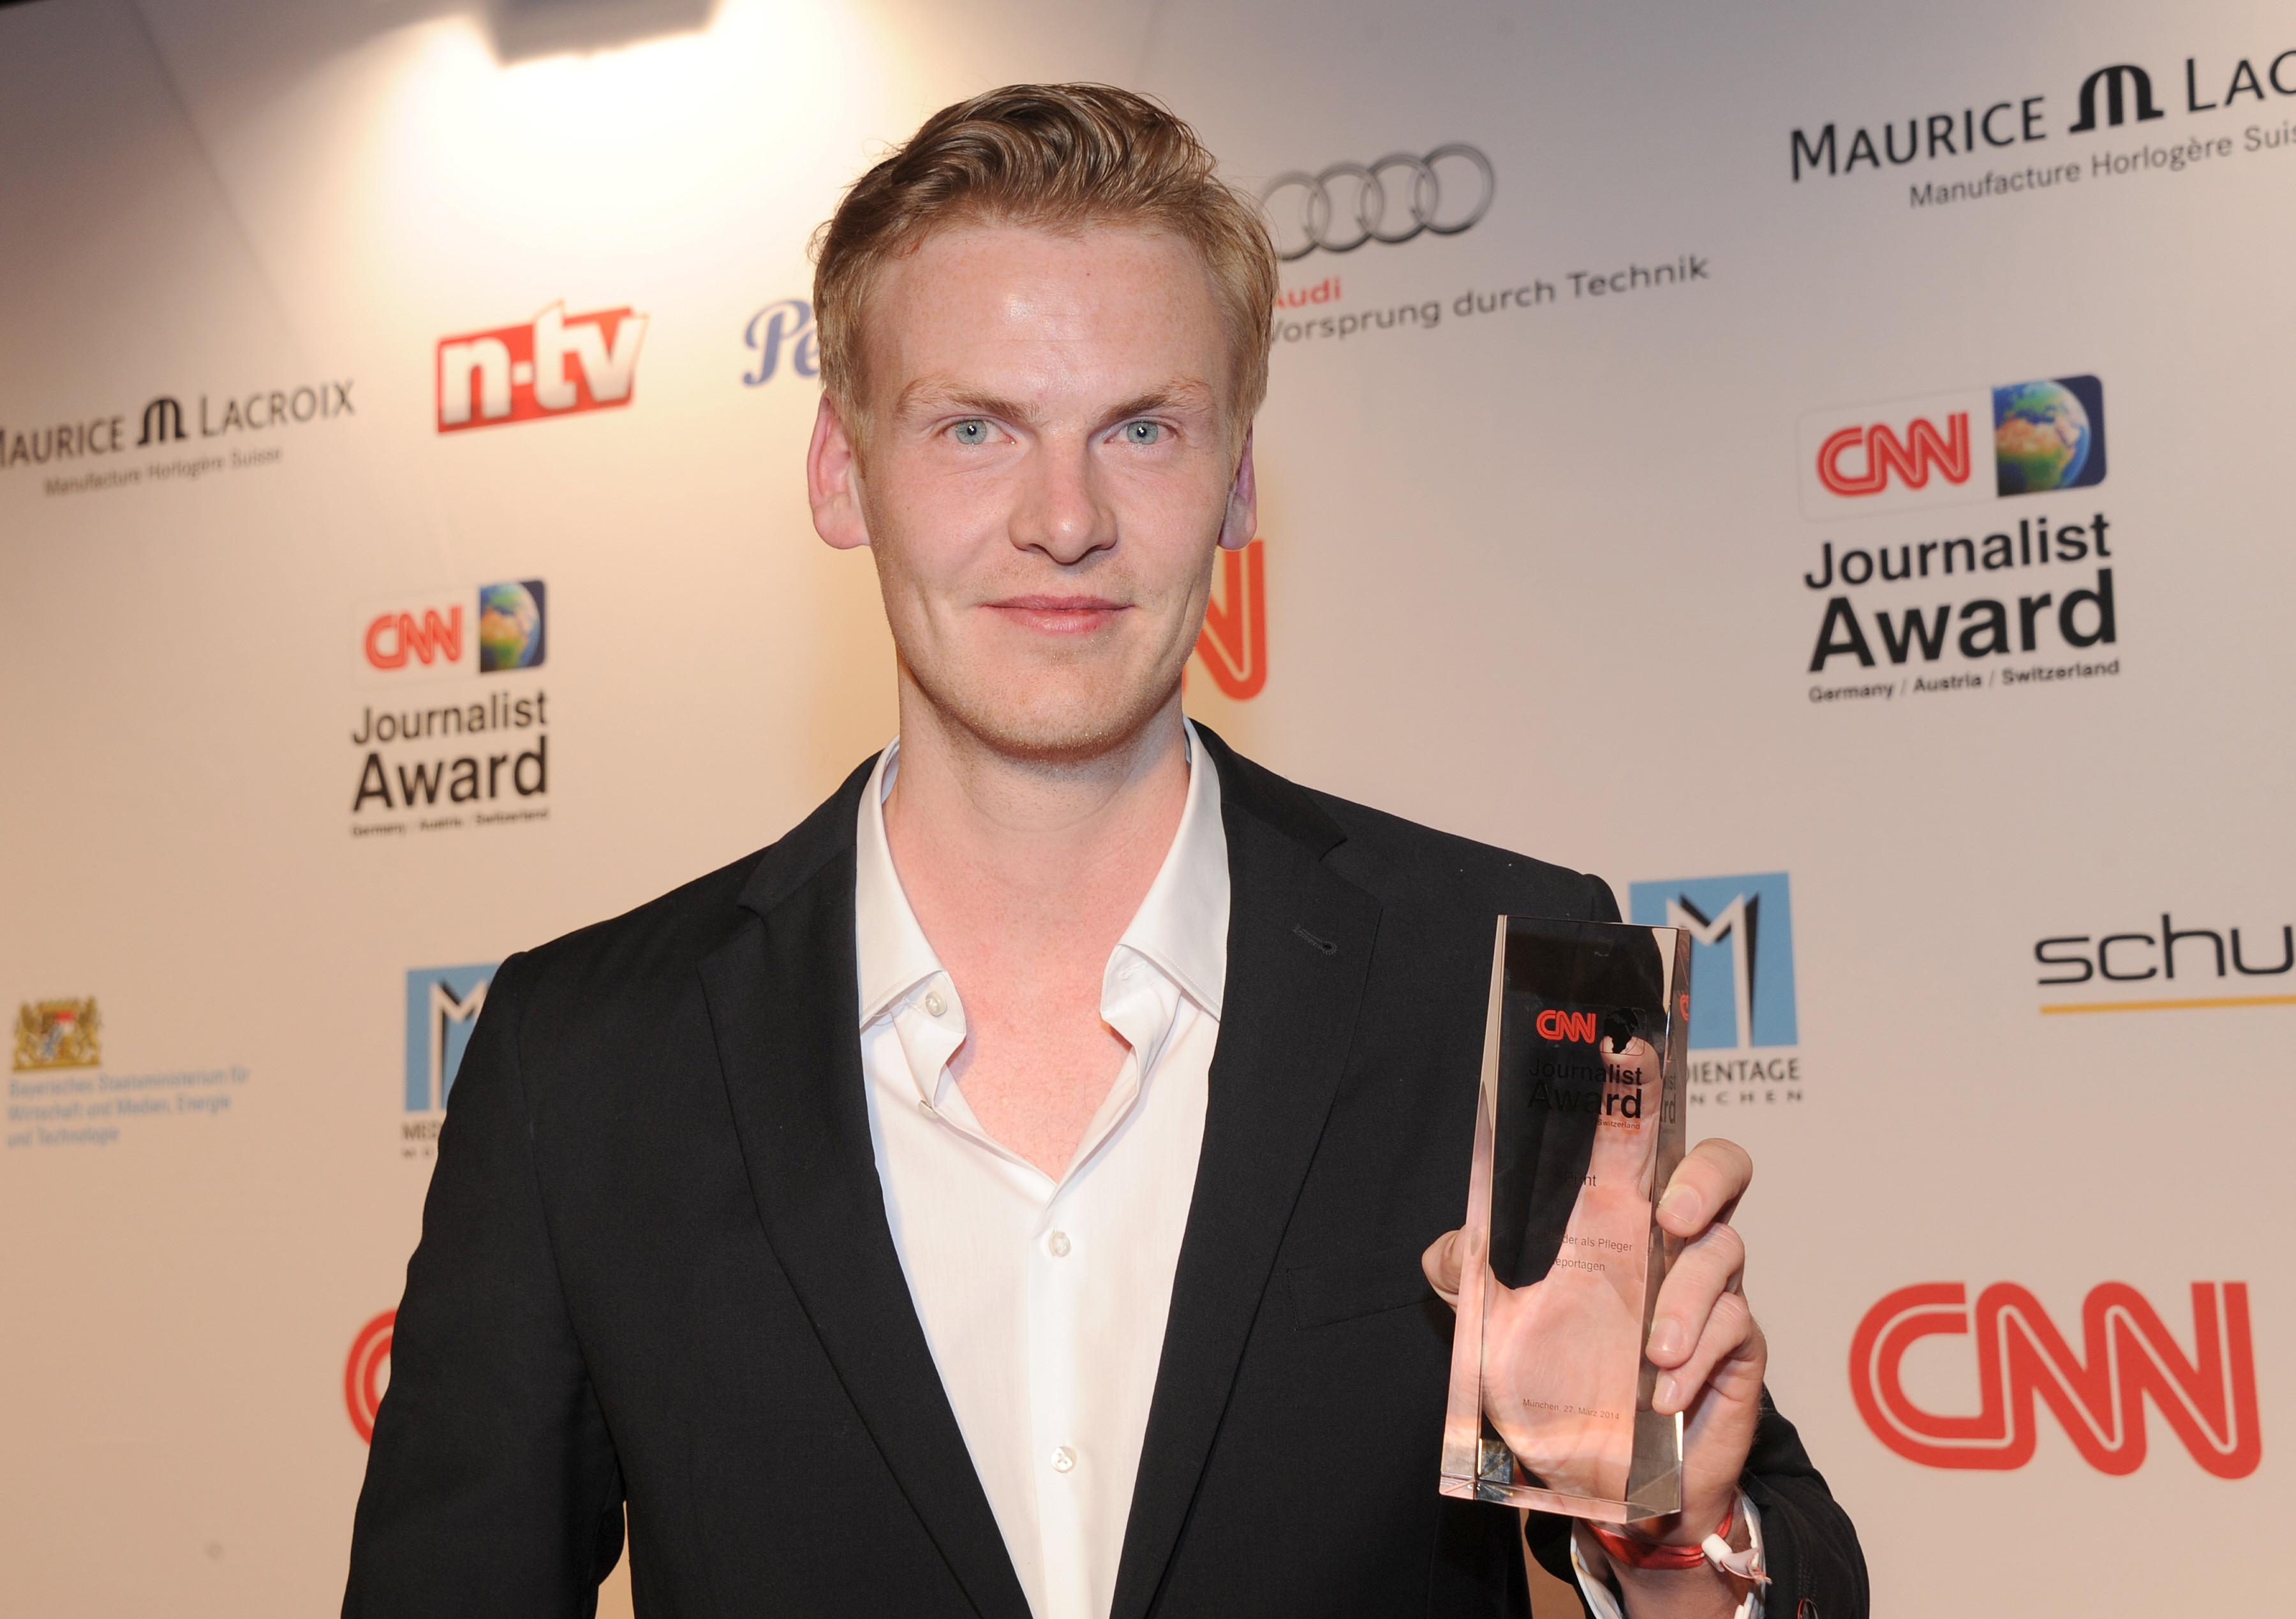 ▲德國雜誌《明鏡》周刊(Der Spiegel)記者雷洛希爾斯(Claas Relotius)得CNN年度記者大獎。(圖/達志影像/美聯社)